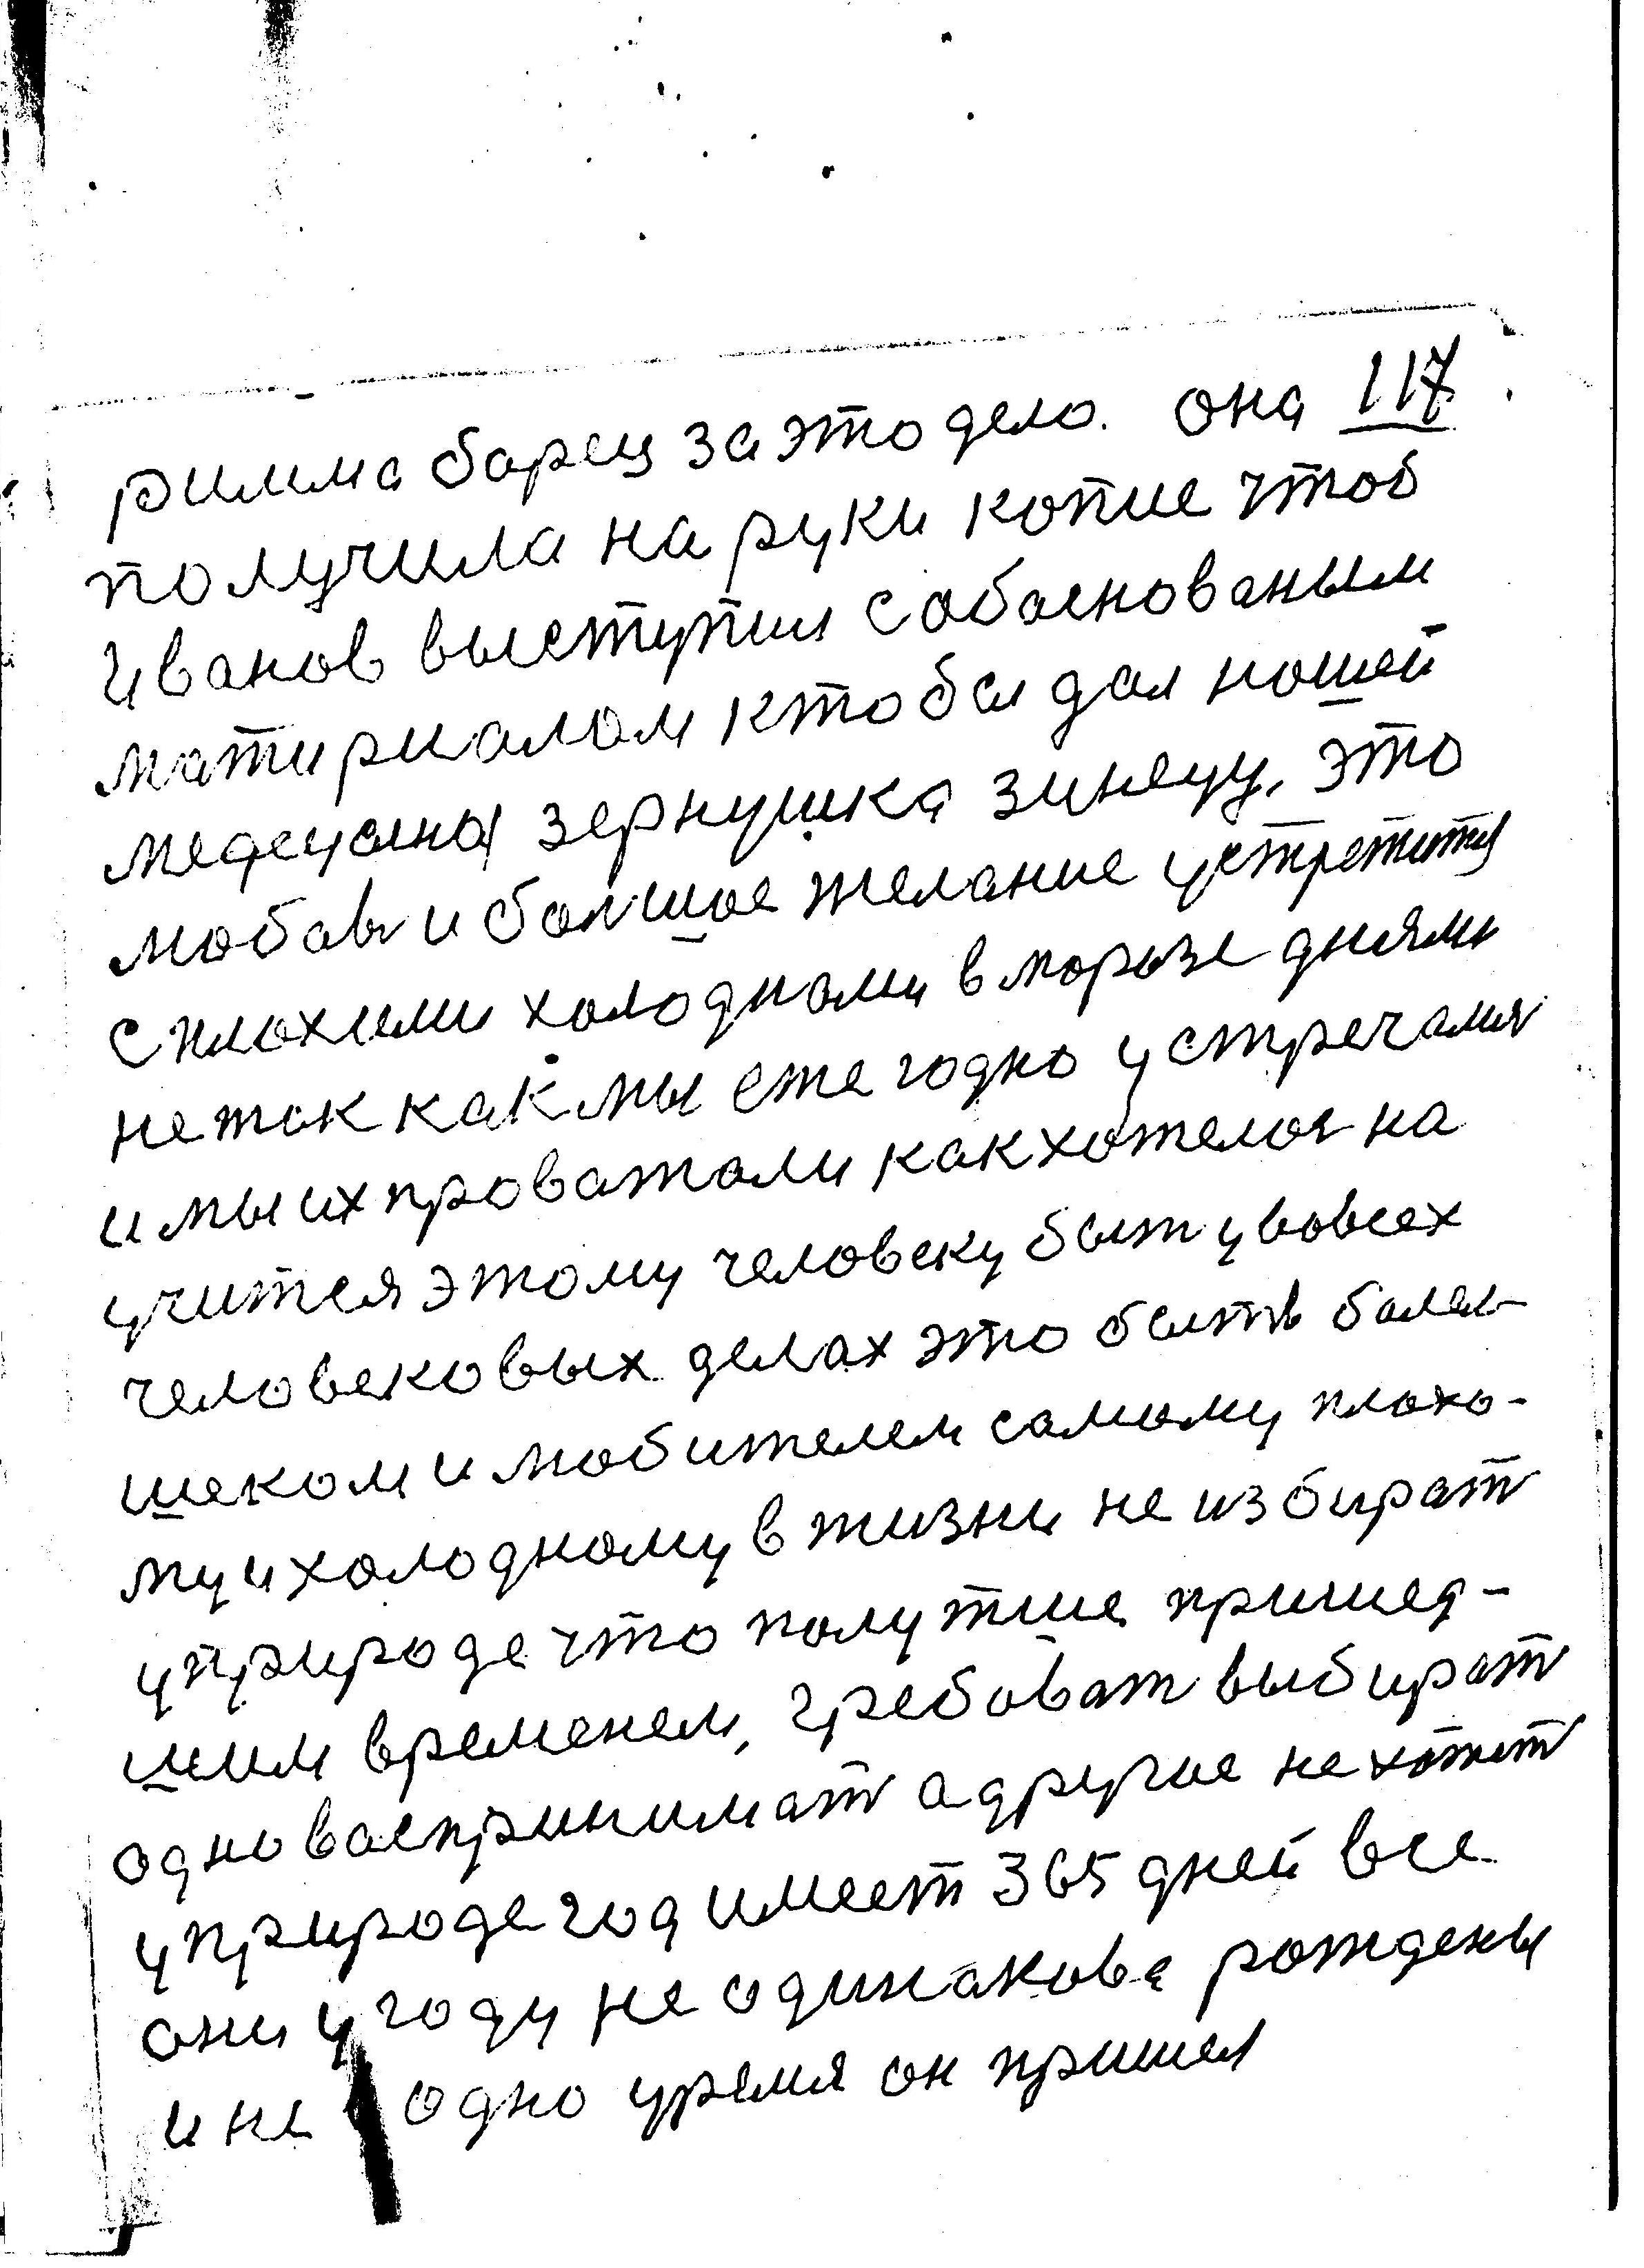 77-117.jpg